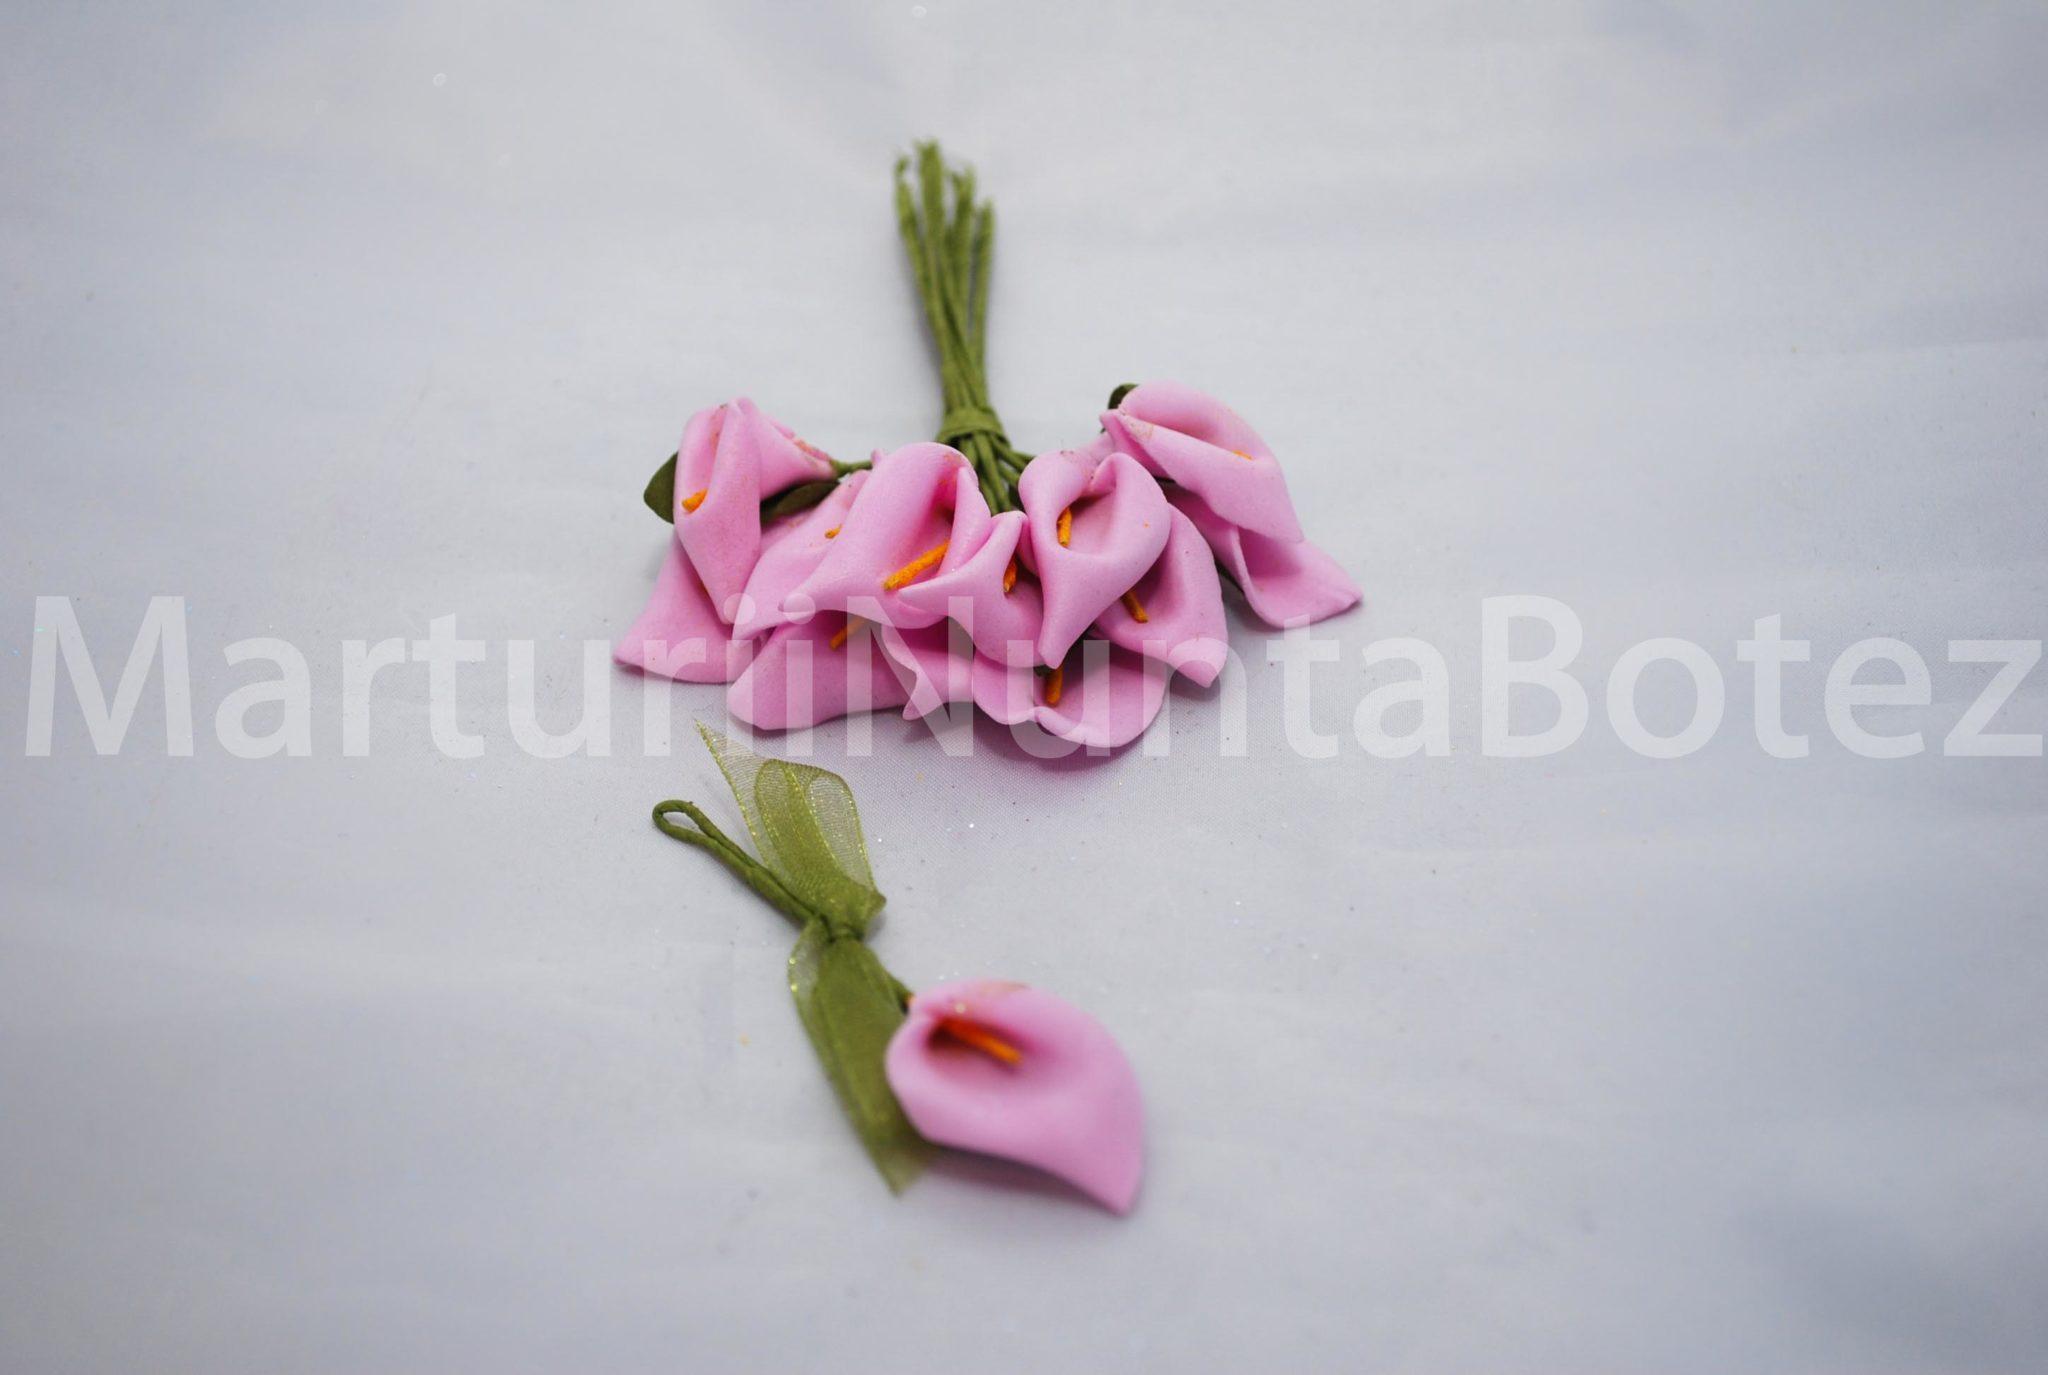 marturii_nunta_cale_patru_culori10